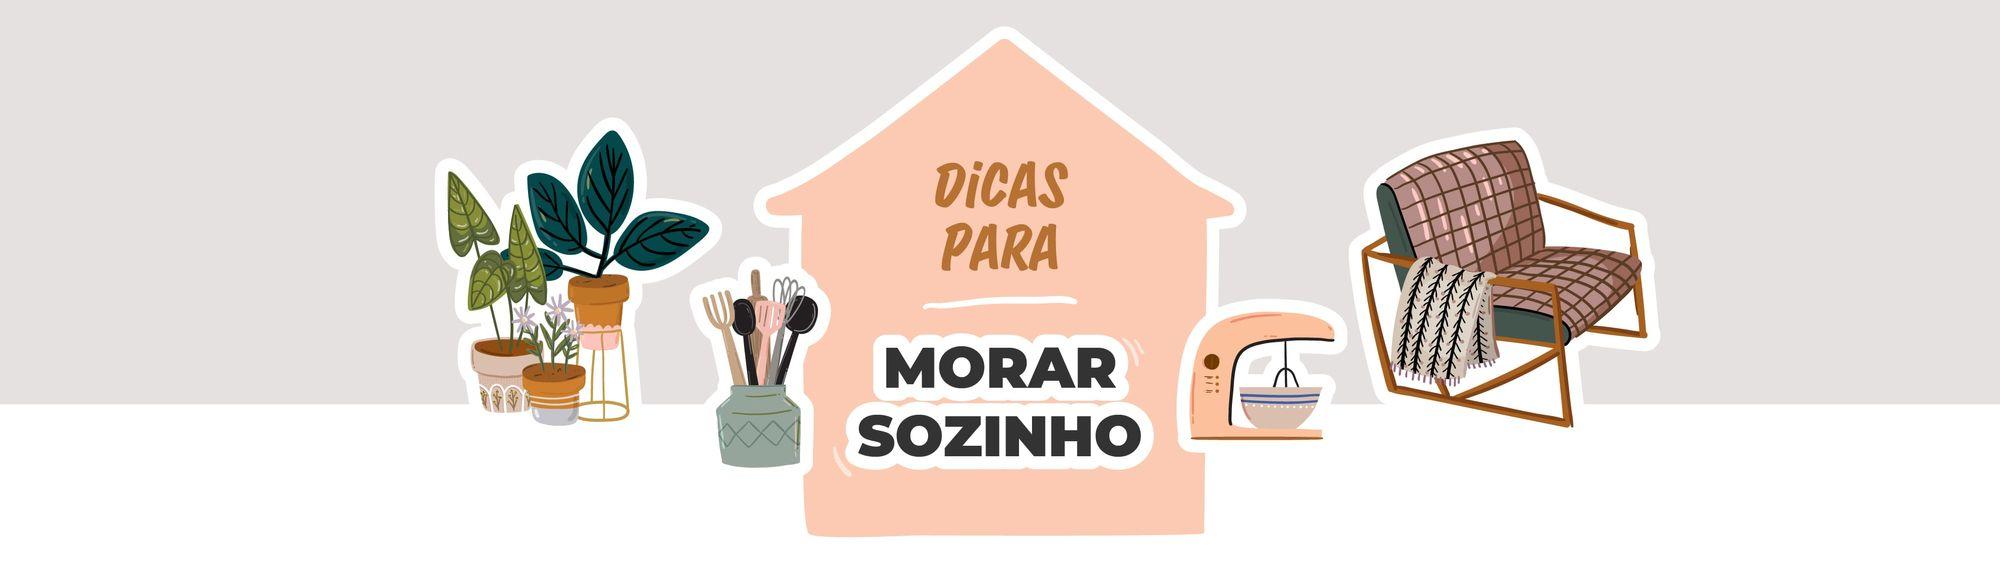 """Ilustração de uma casa, utensílios domésticos e a frase """"Dicas para morar sozinho"""""""